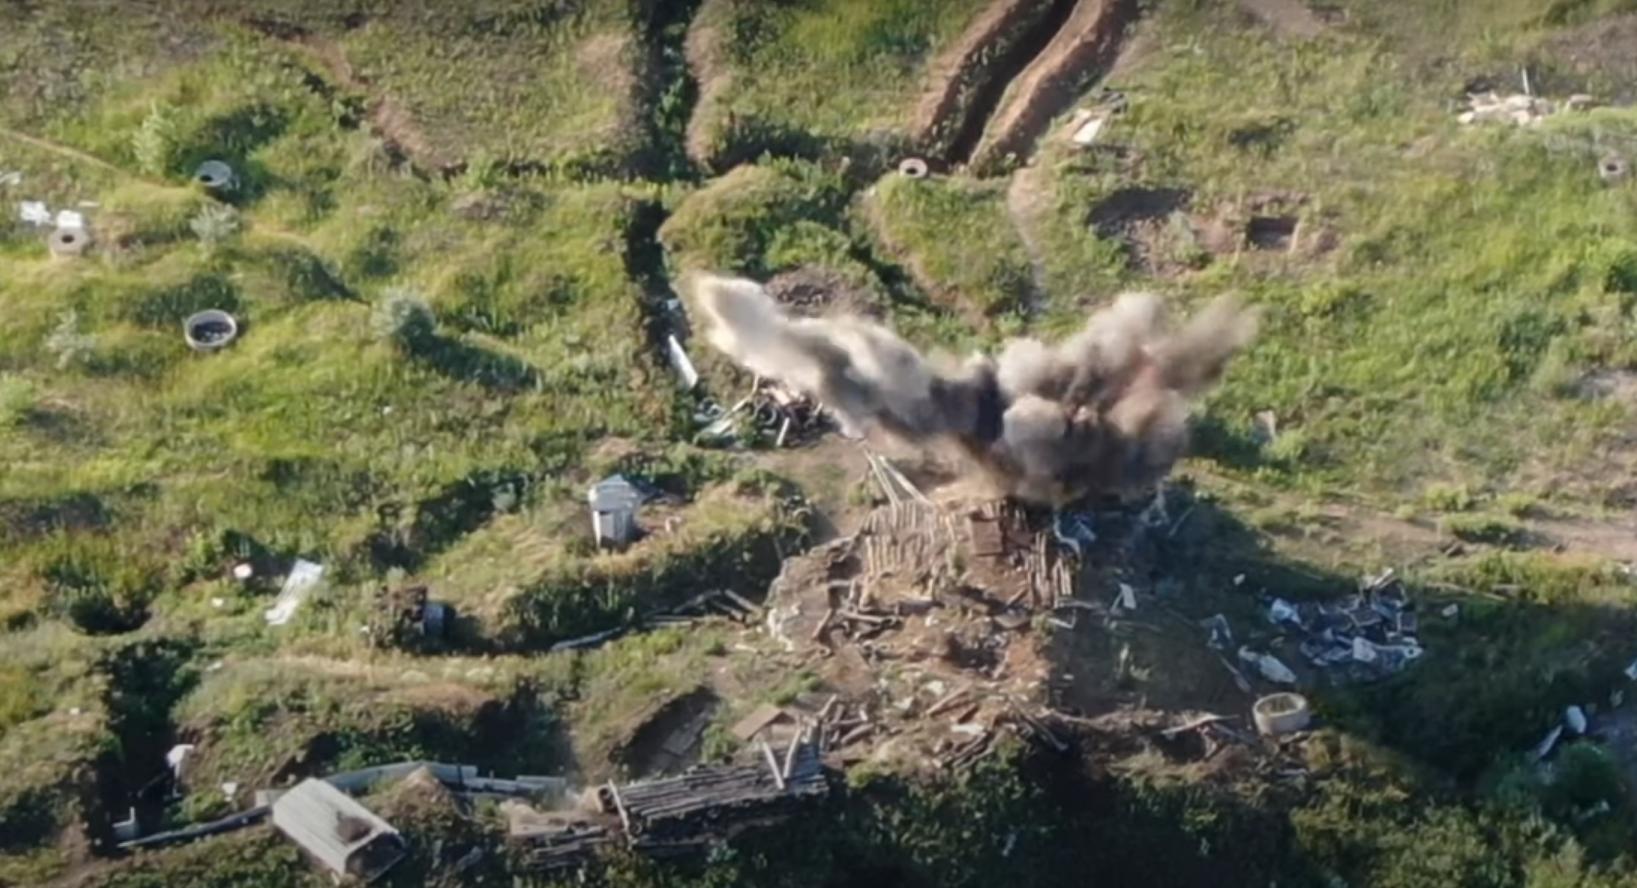 Воины ВСУ использовали для удара разрешенное оружие